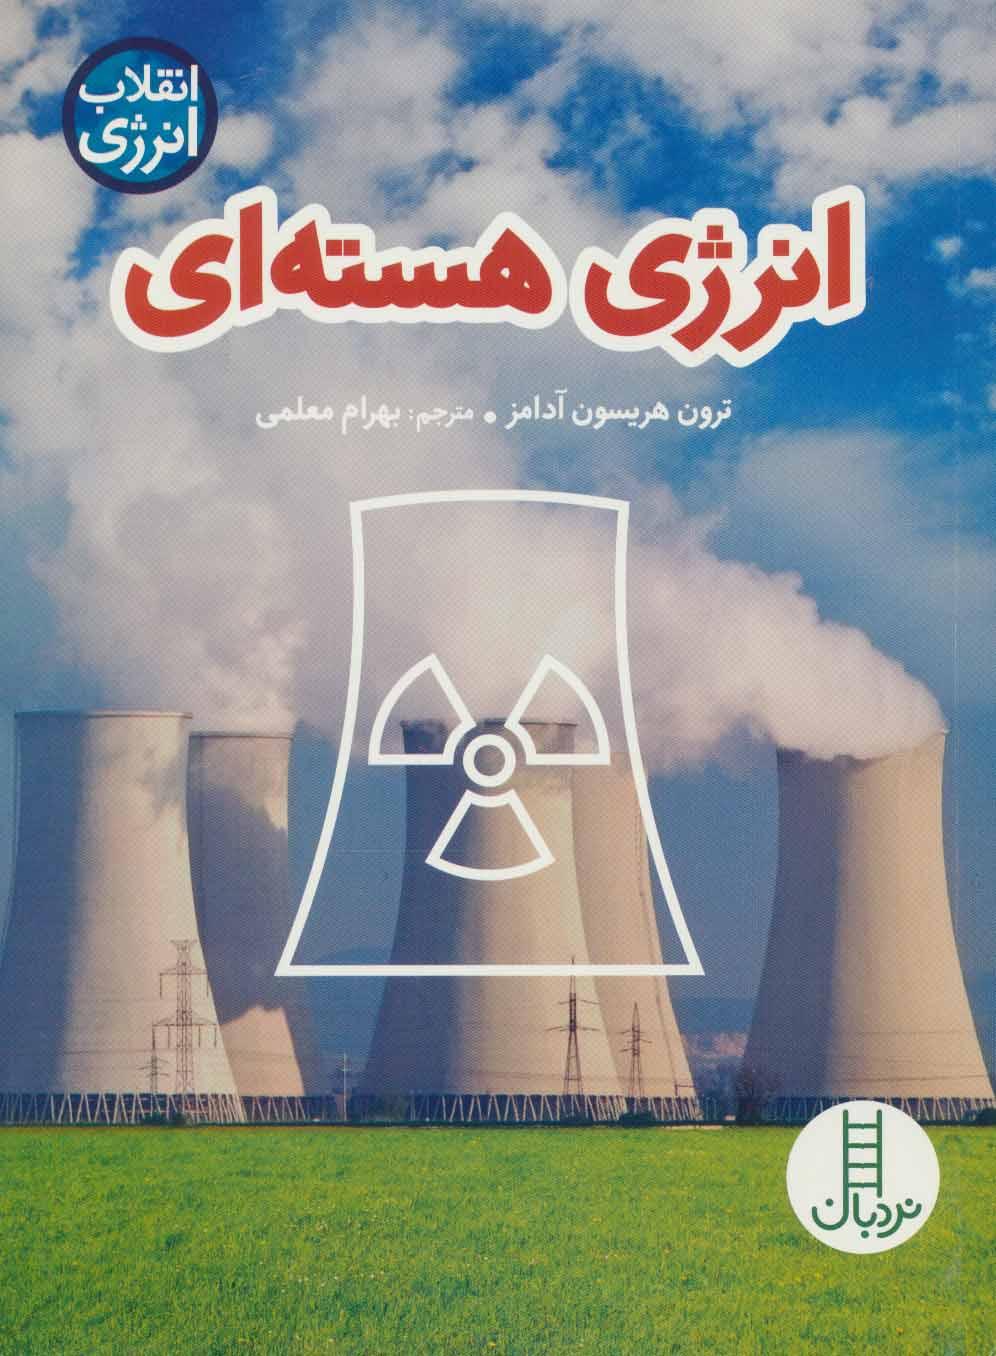 انرژی هسته ای (انقلاب انرژی)،(گلاسه)